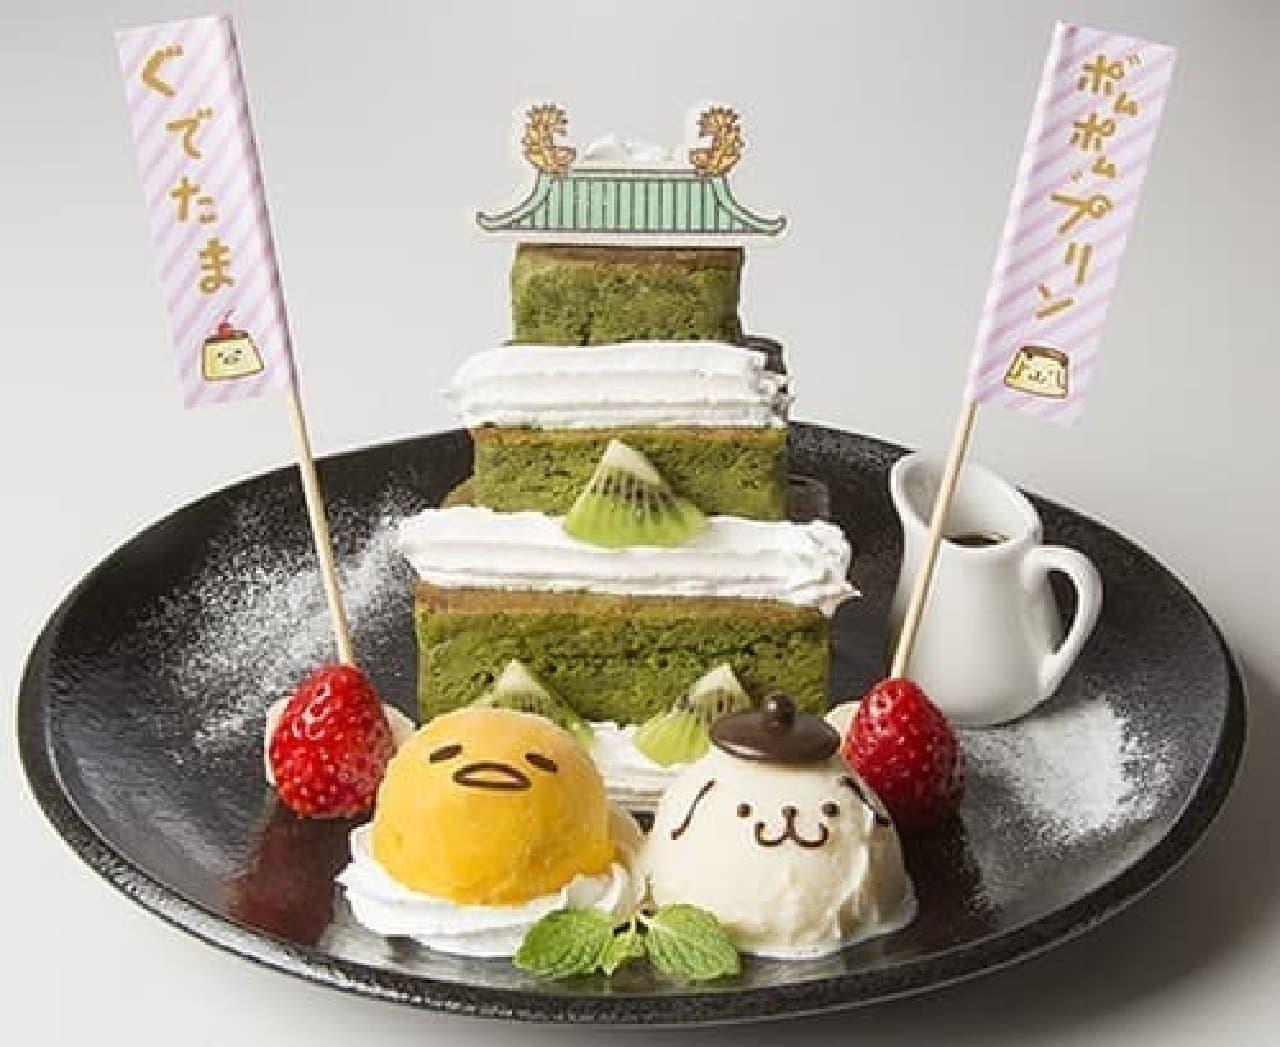 ポムポムプリンカフェ名古屋店「ぐでたま&ポムポムプリン IN お城」